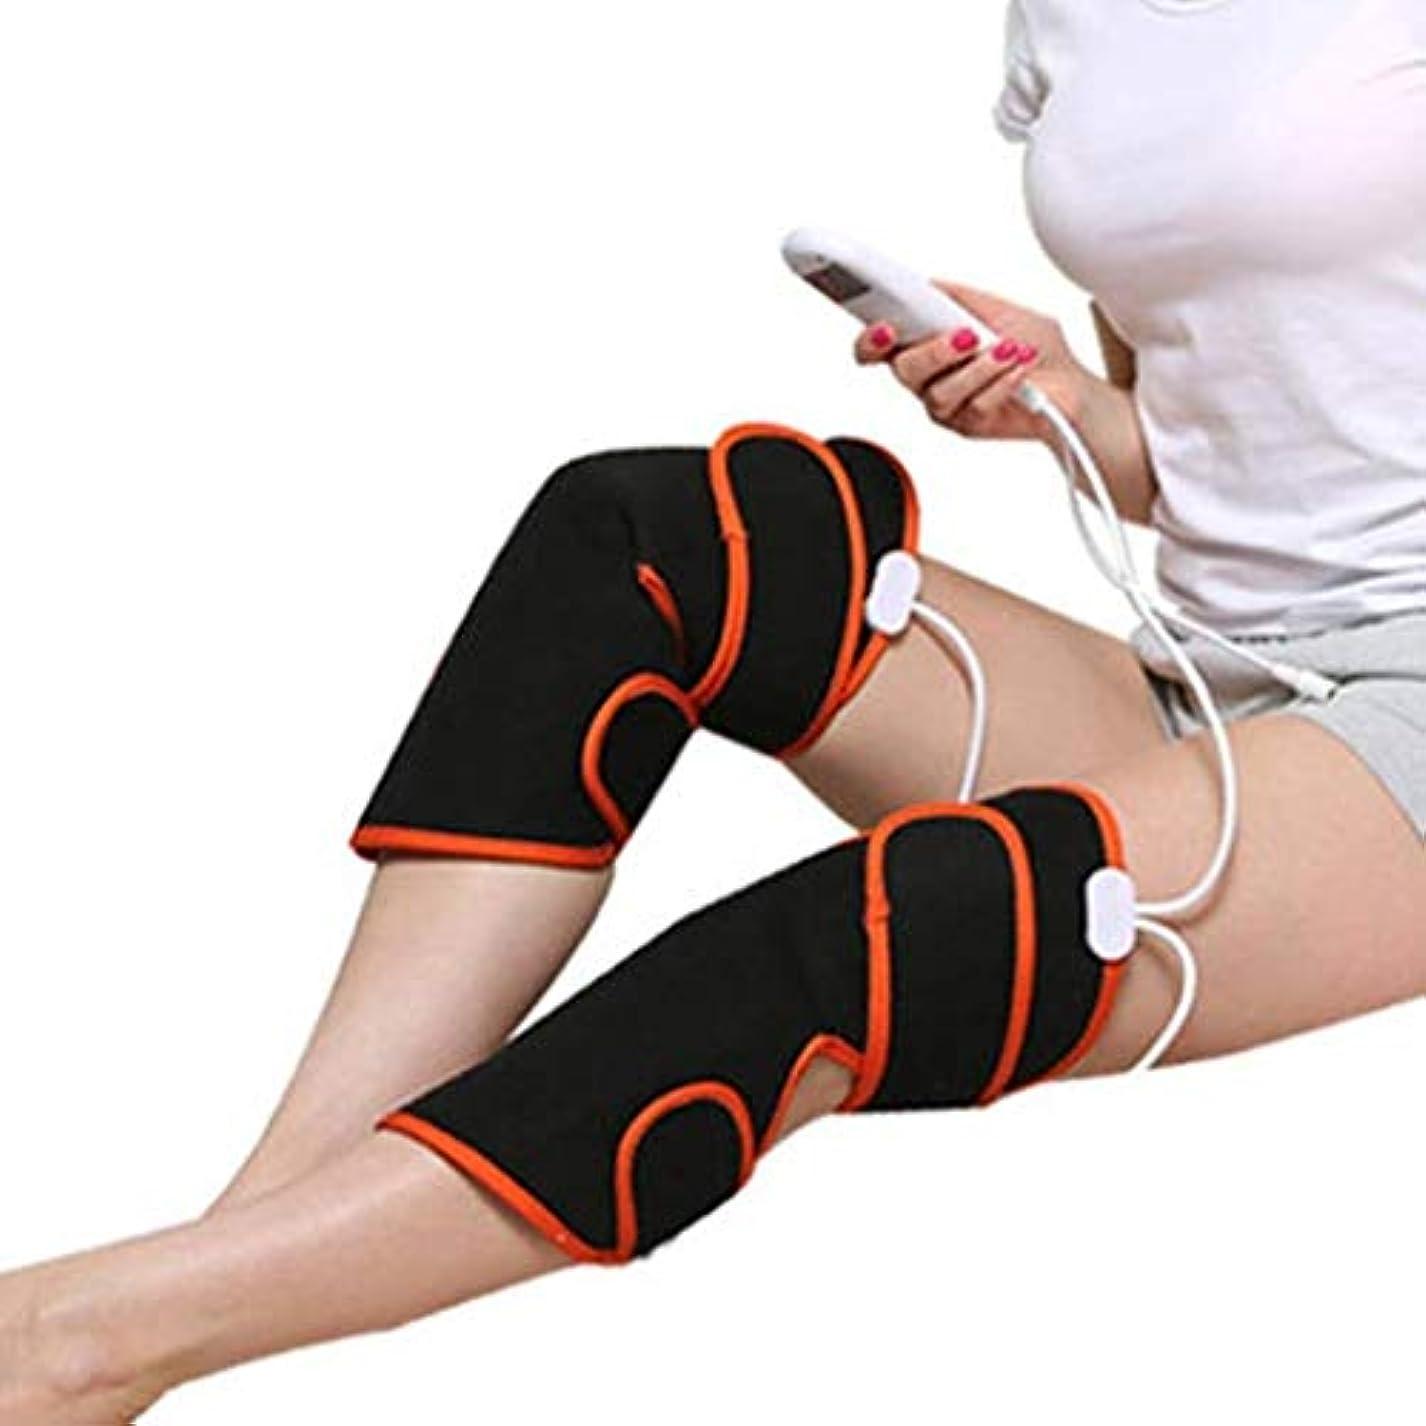 落ち込んでいる微生物ロータリー暖房付き膝マッサージャー、電動バイブレーションマッサージャー、膝マッサージャーを定期的に加熱できます、筋肉の痛みを緩和するモード、9モード、冷たい脚、骨過形成患者、術後リハビリ